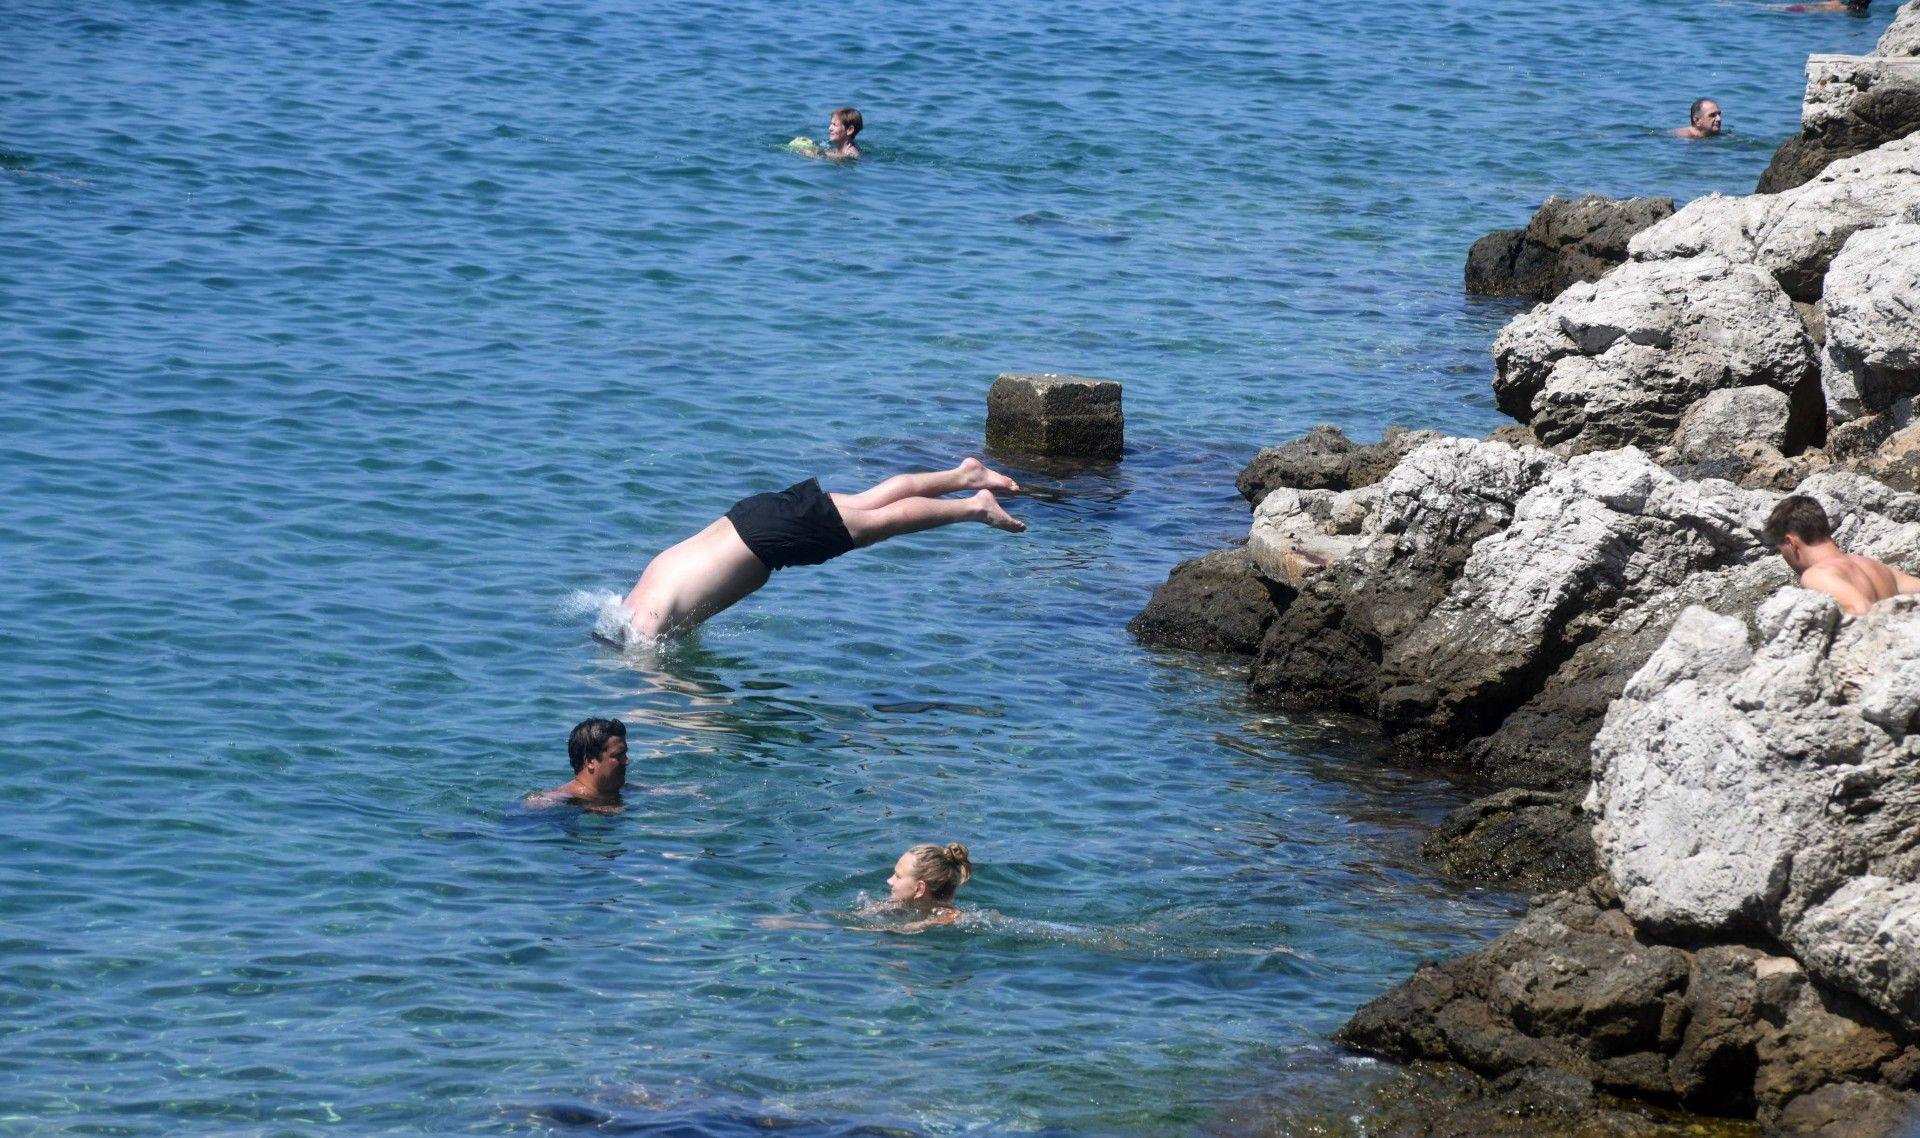 iznenadno onečišćenje onečišćenje fekalnog porijekla: more u uvali lapad nije za kupanje